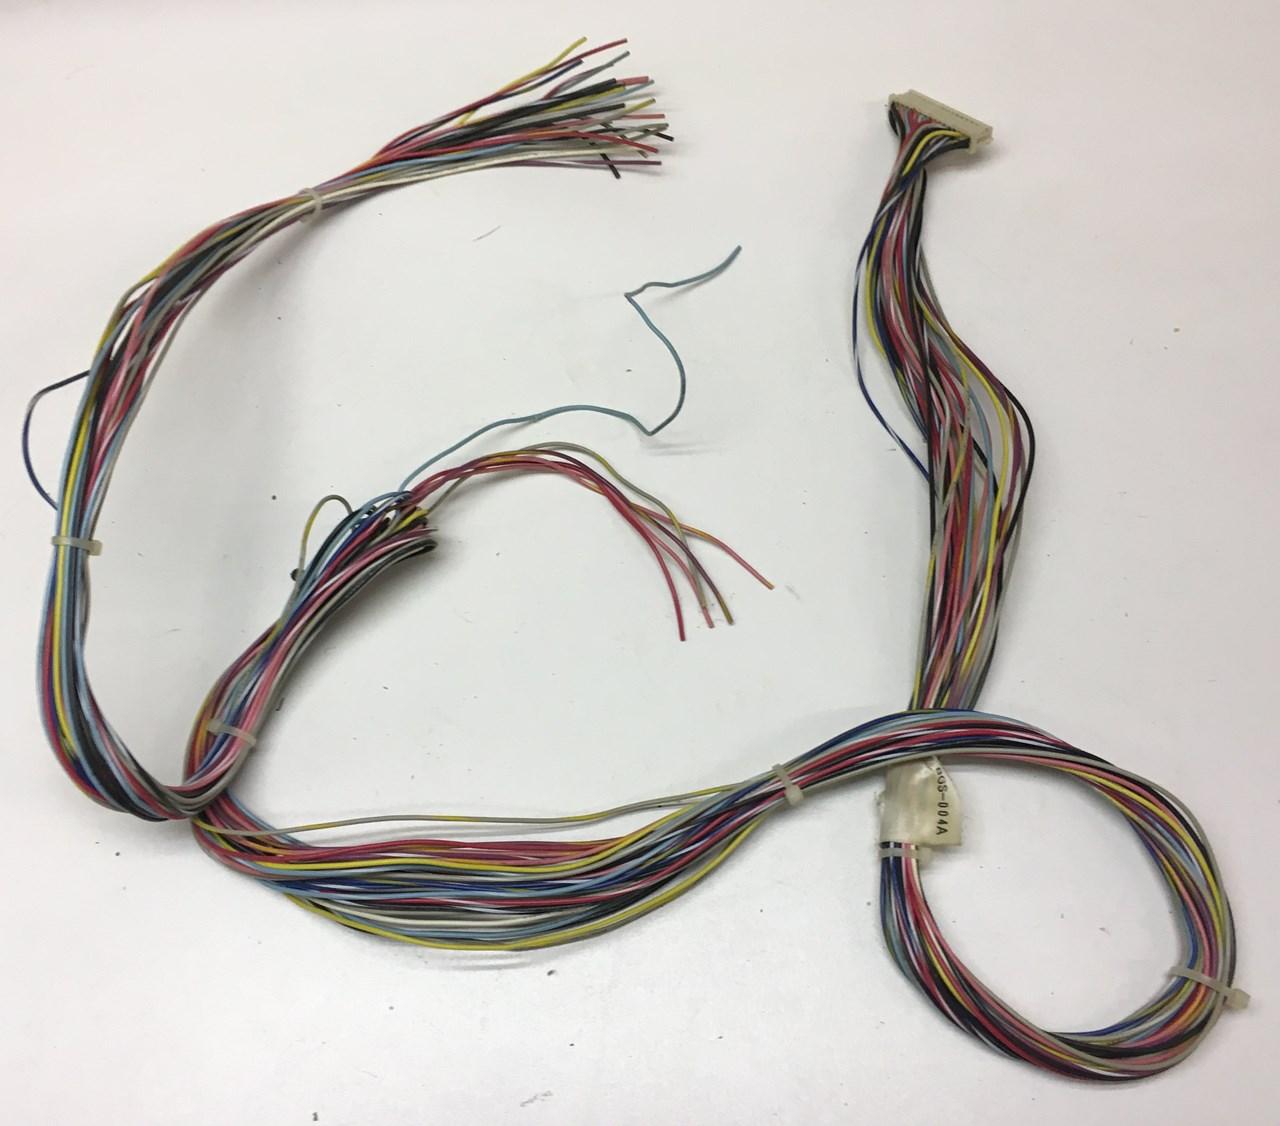 capcom cps ii jamma arcade game wiring harness for sale rh quarterarcade com